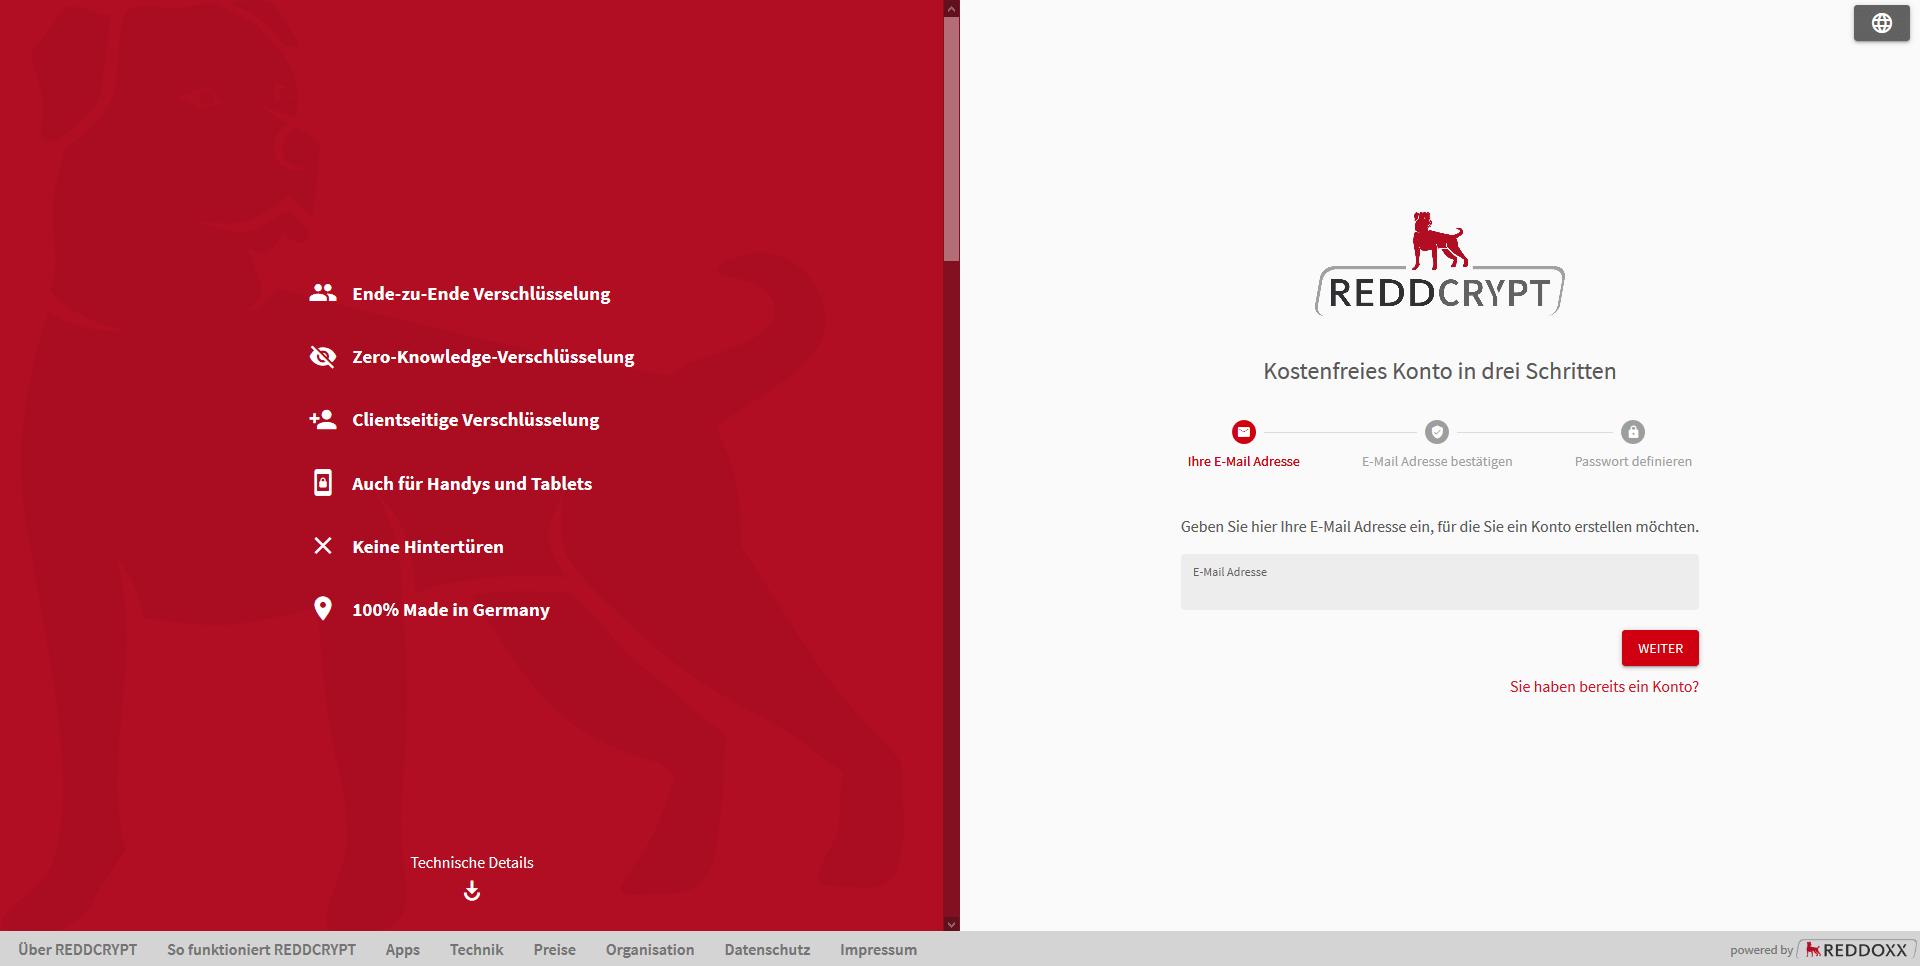 Jetzt kostenlos ein REDDCRYPT Konto erstellen